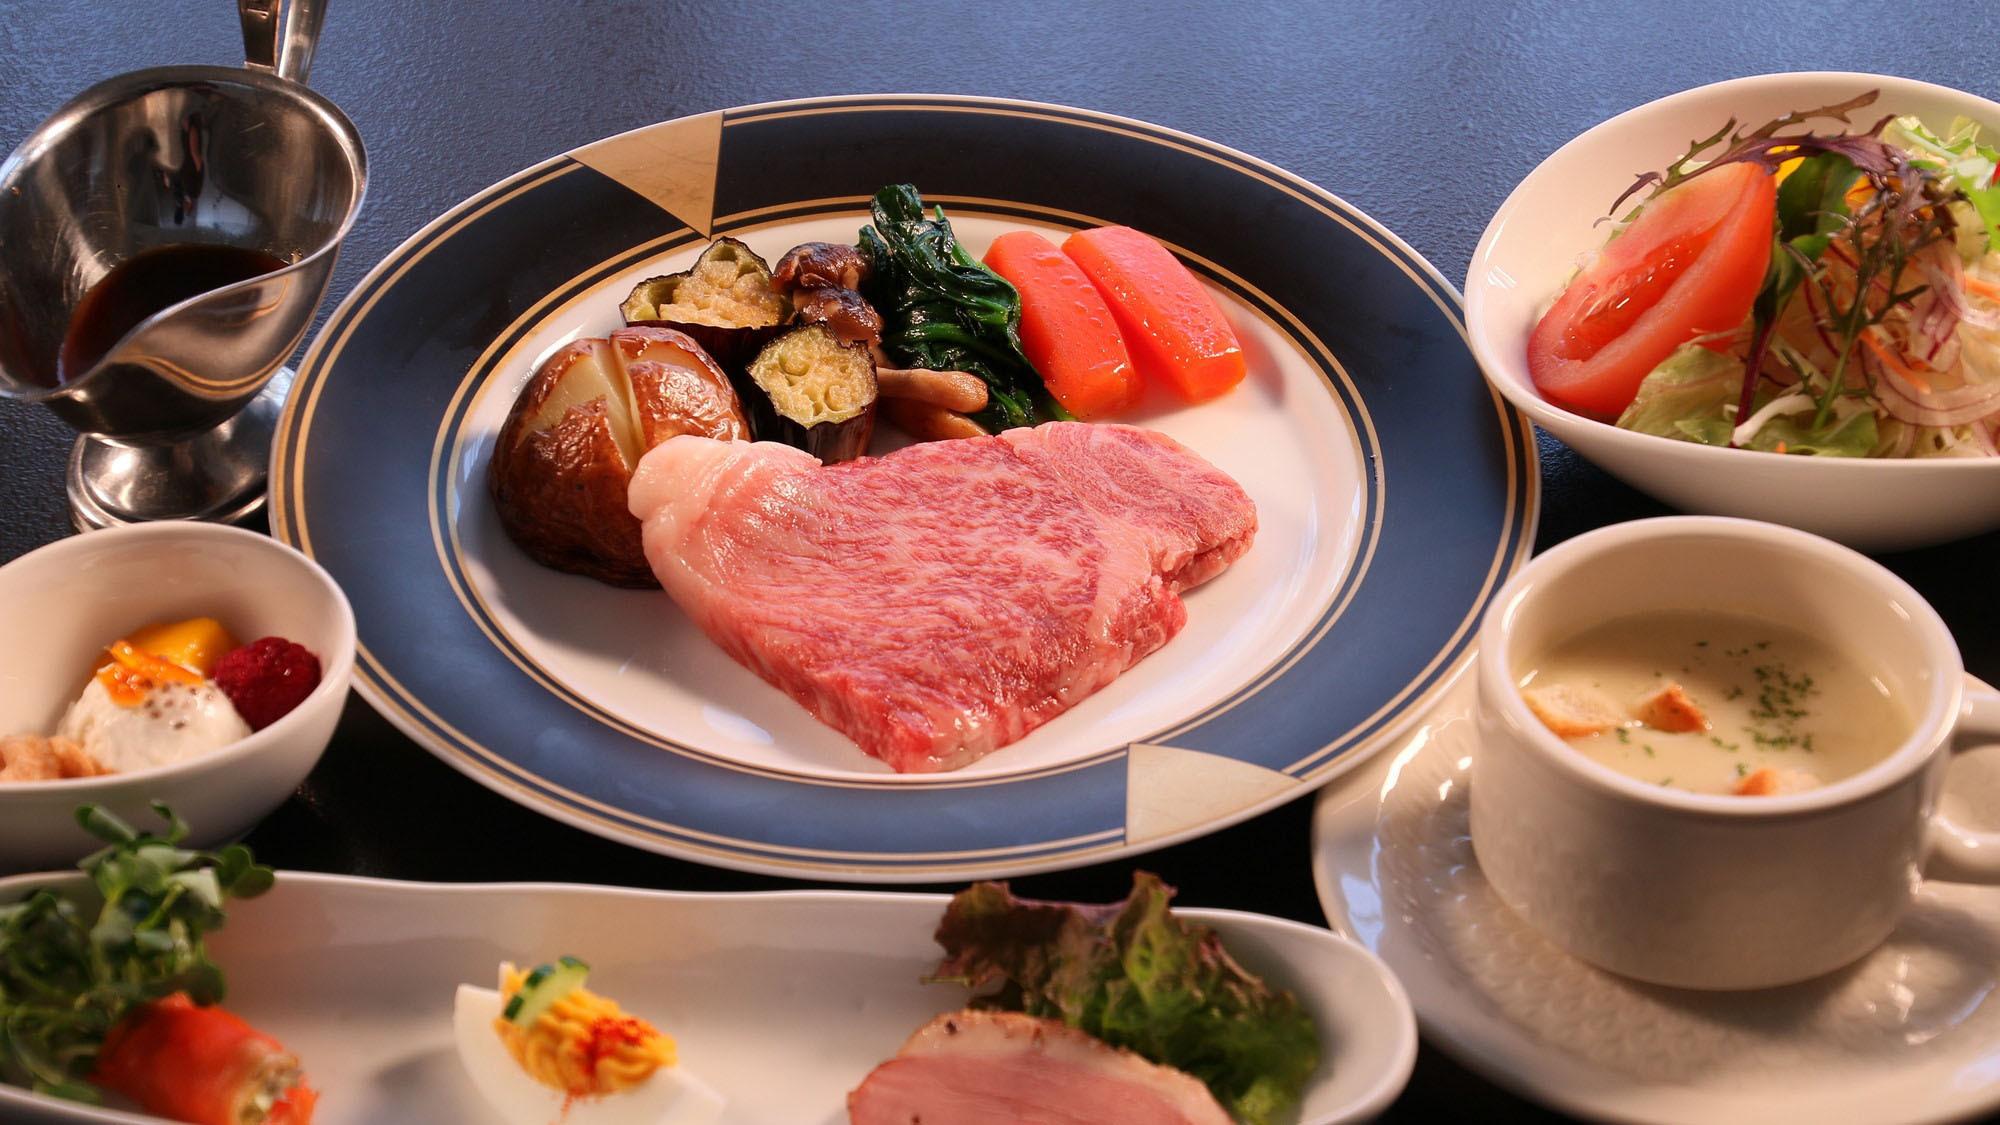 ◆お口でトロけるようなお肉と上品な風味で至福の時を味わえる一品